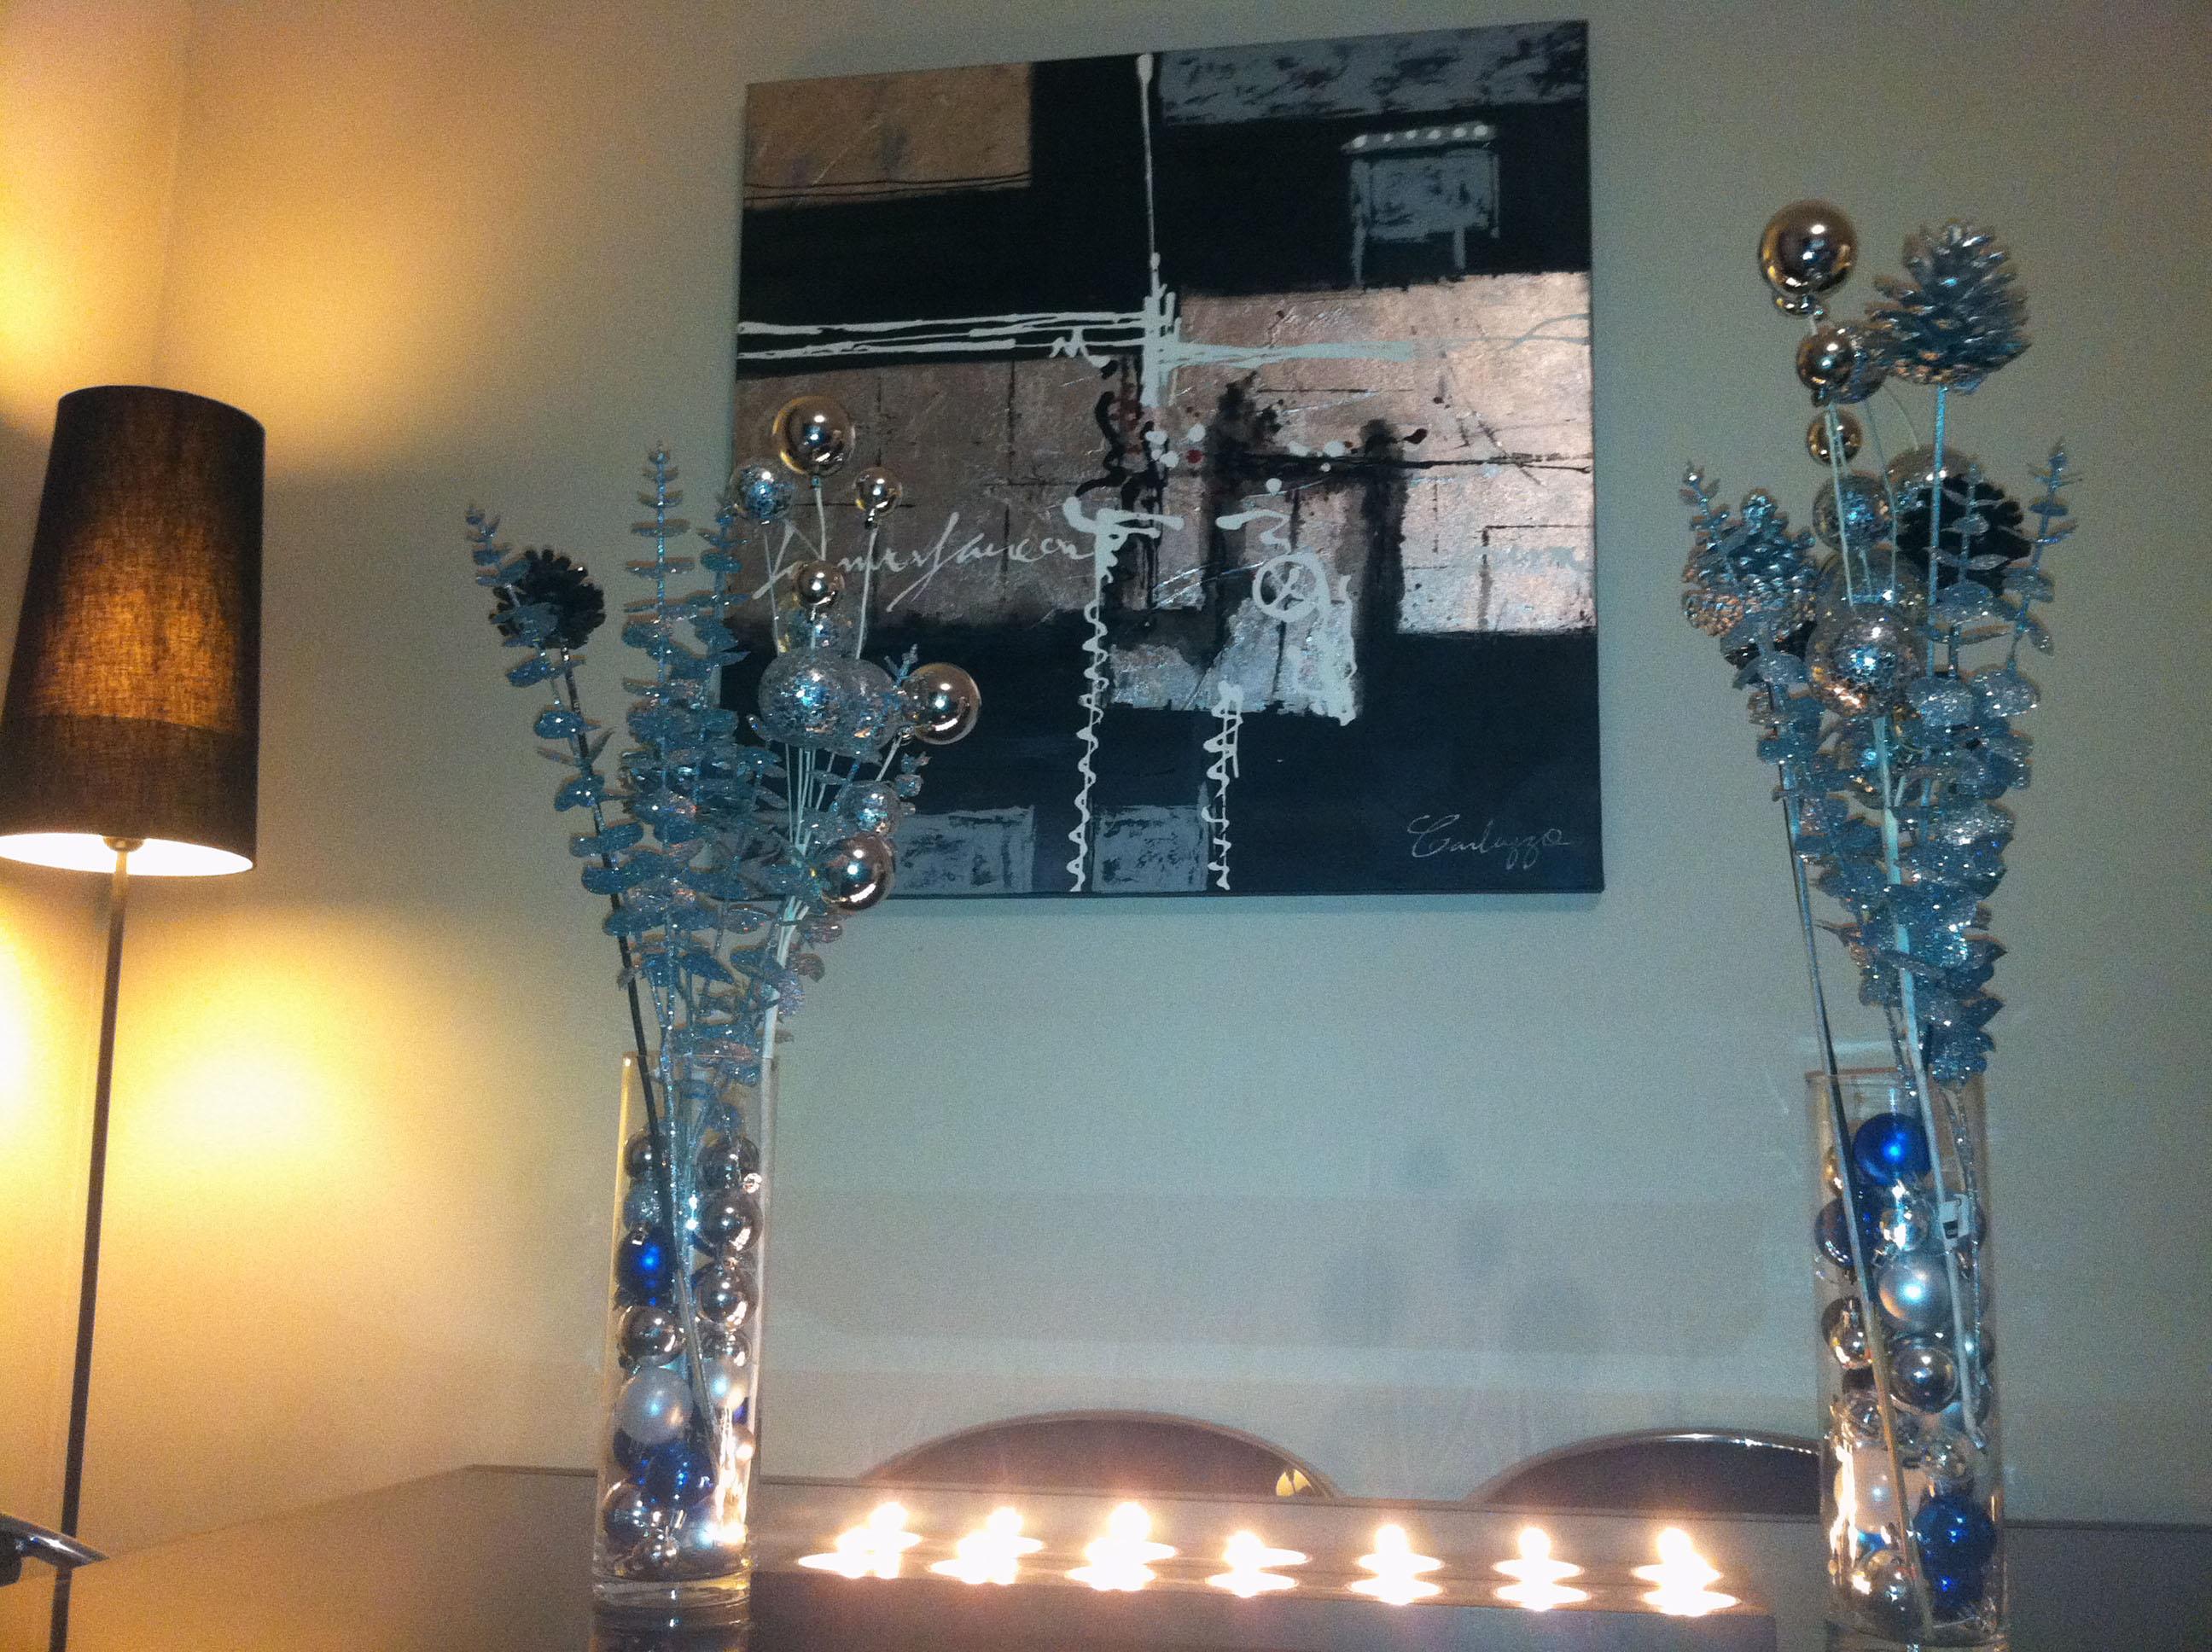 Meilleur 5693 id e d co table noel bleu argent avec des for Deco de noel bleu et argent